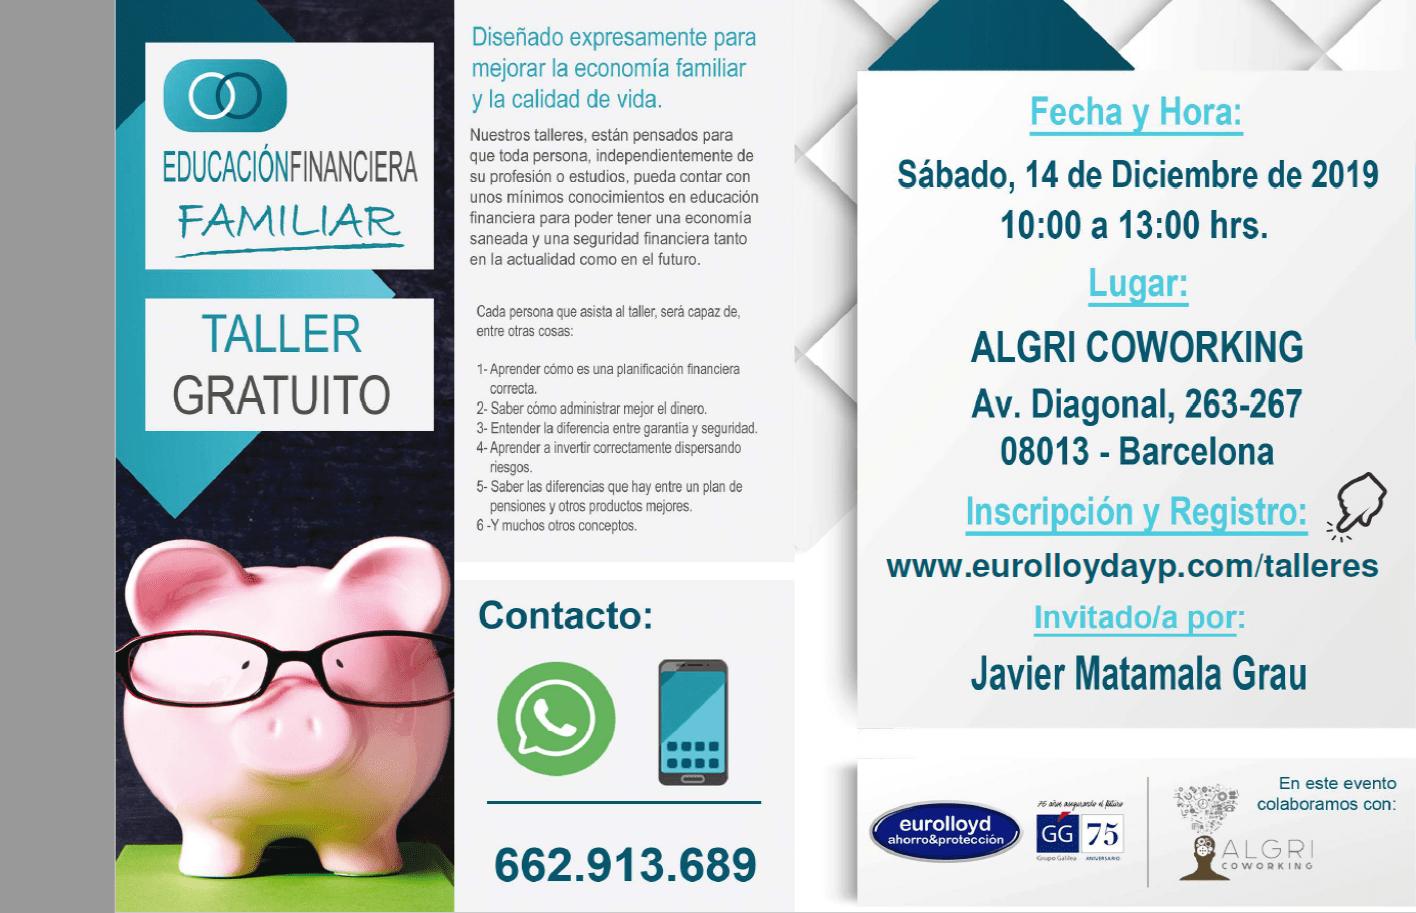 Algri Coworking barcelona taller gratuito educacion financiera